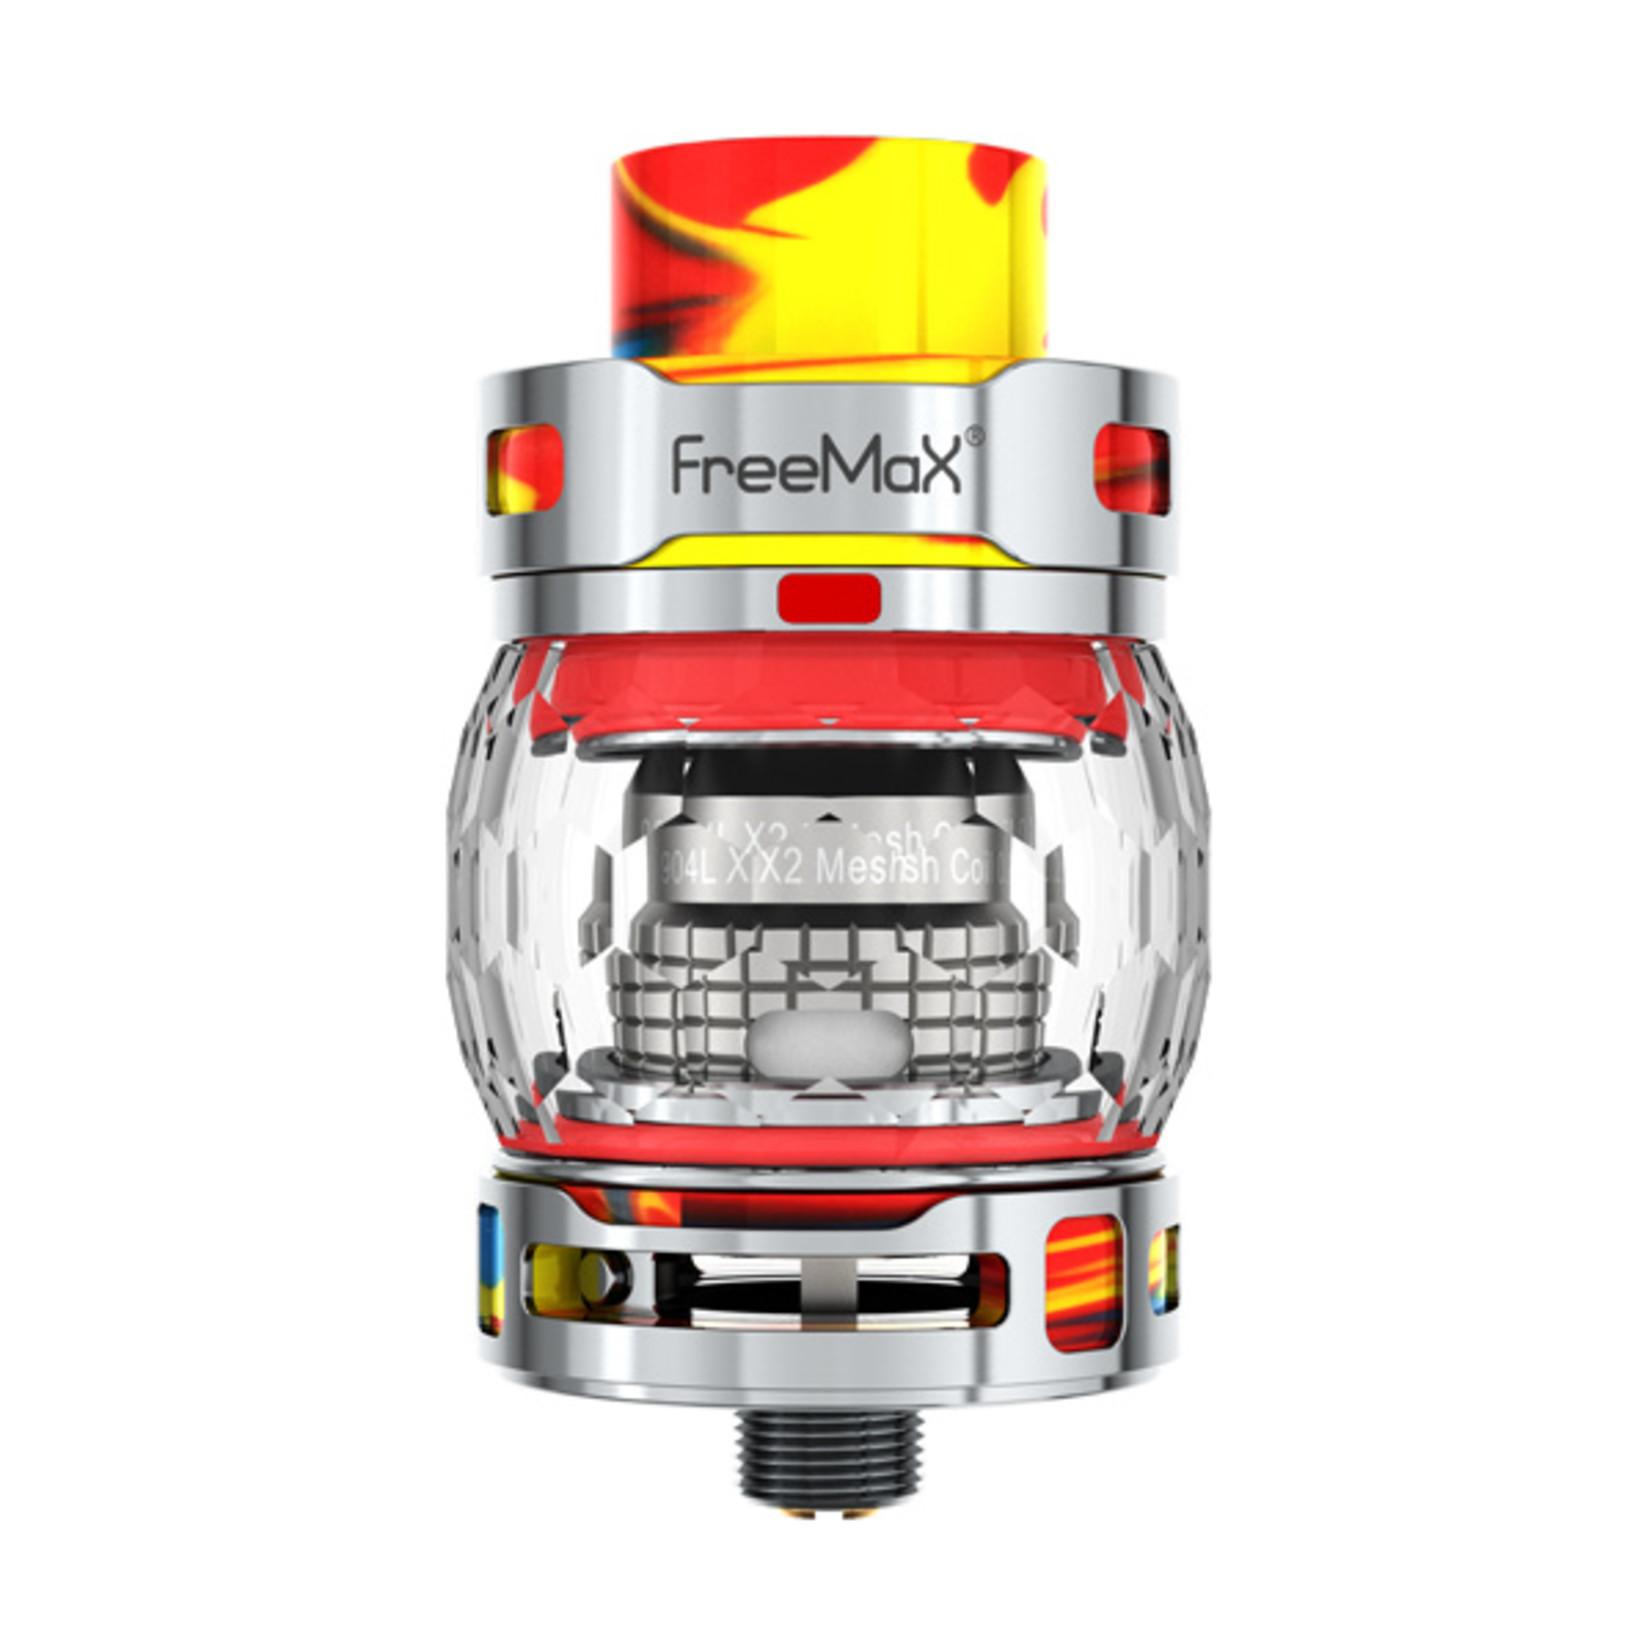 FreeMax Fireluke 3